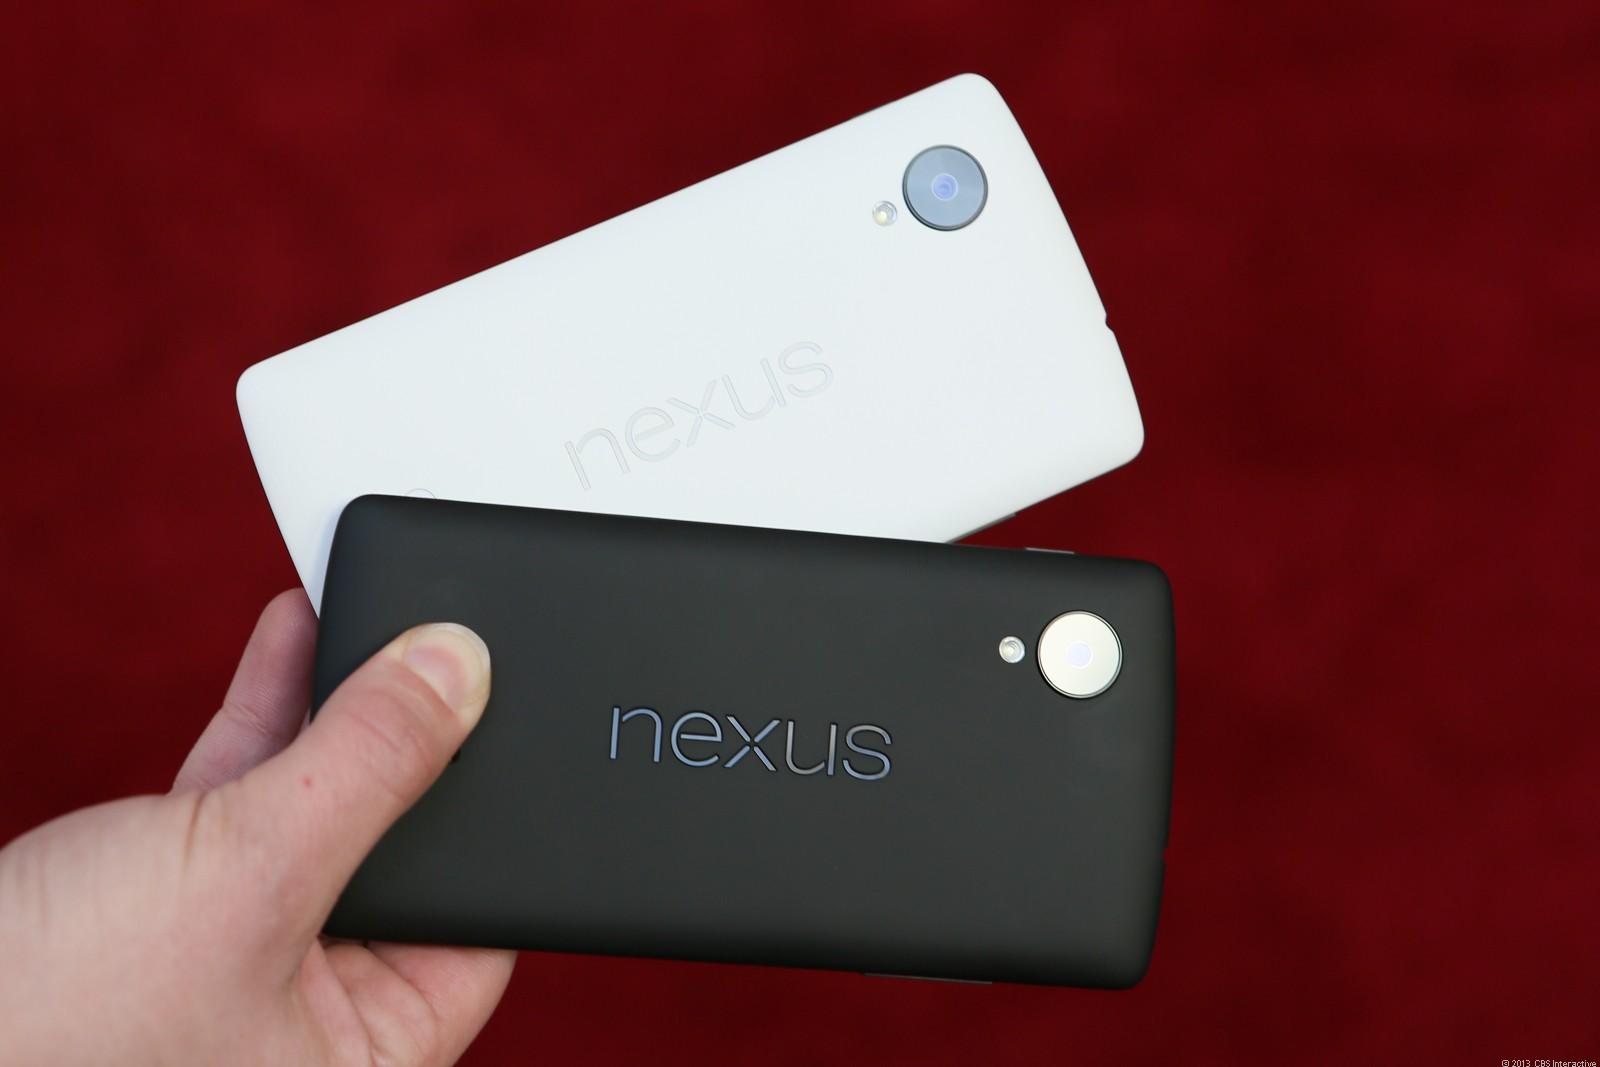 Nexus 5 2015 - Nexus 5 2015 với máy ảnh 3D sẽ có mặt trong tháng 10 tới